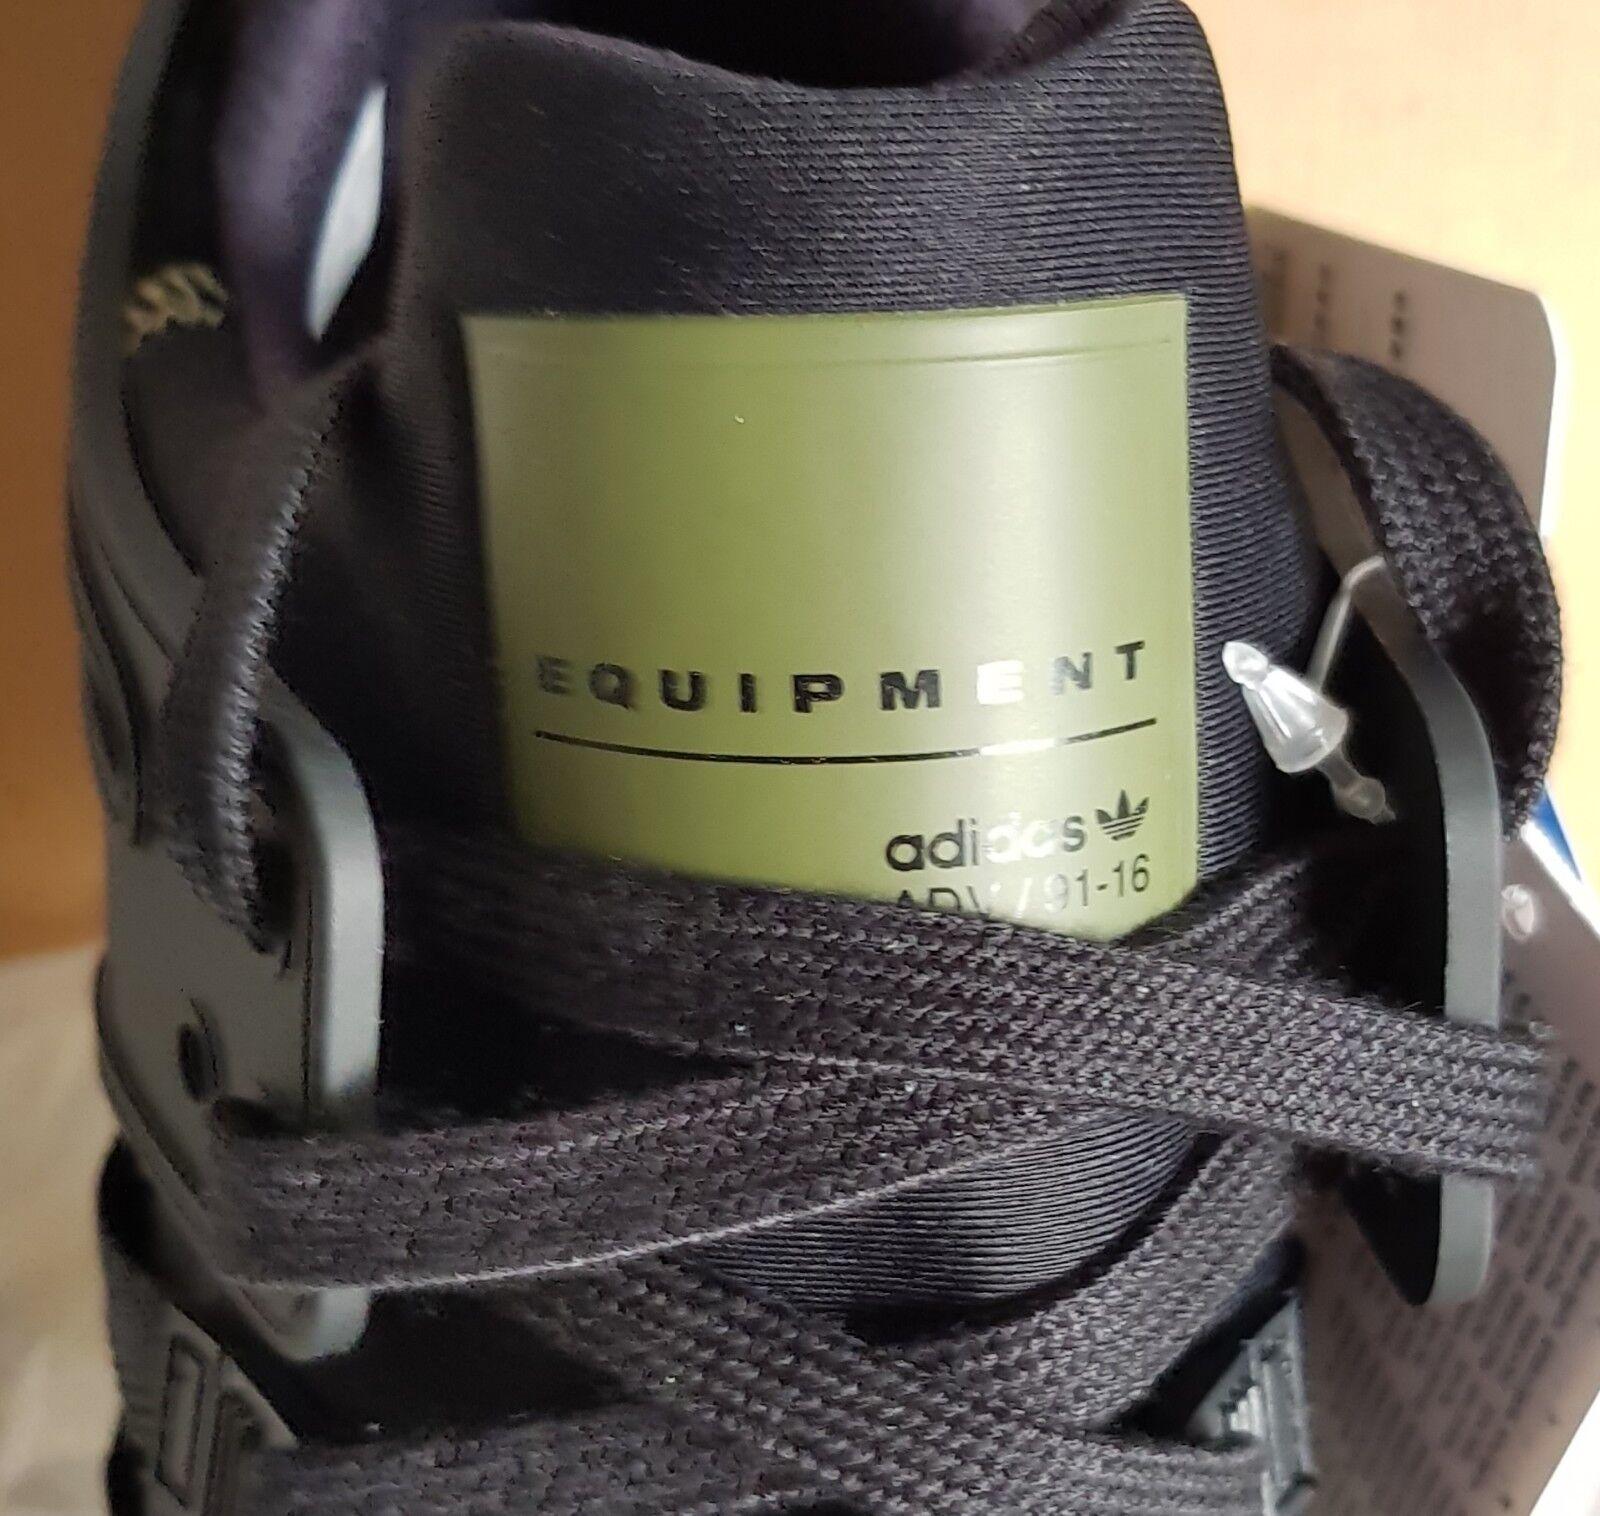 Adidas eqt appoggio avanzata 91   16 oliva nera nera nera carico uomo 10,5 cm7415 | Prezzo giusto  1ab312